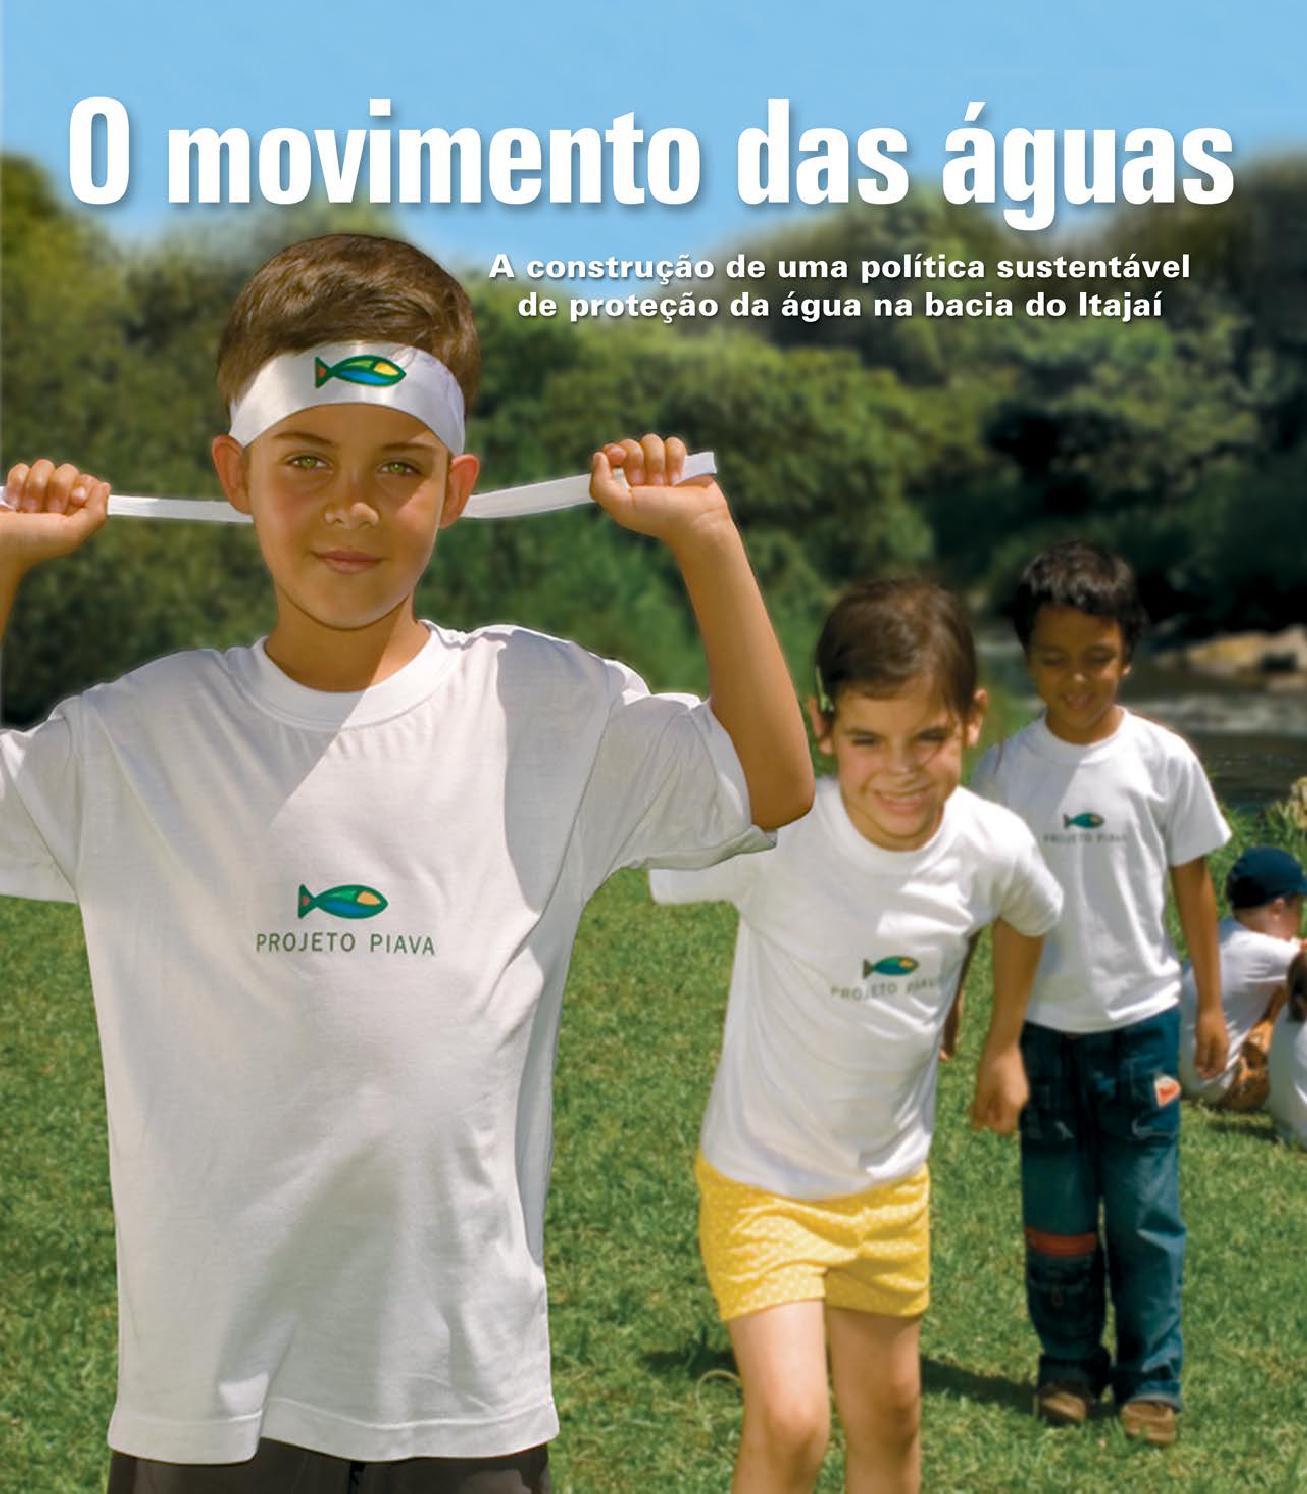 JEITO BAIXAR 5 ELEMENTOS MOLEQUE AVI DVD